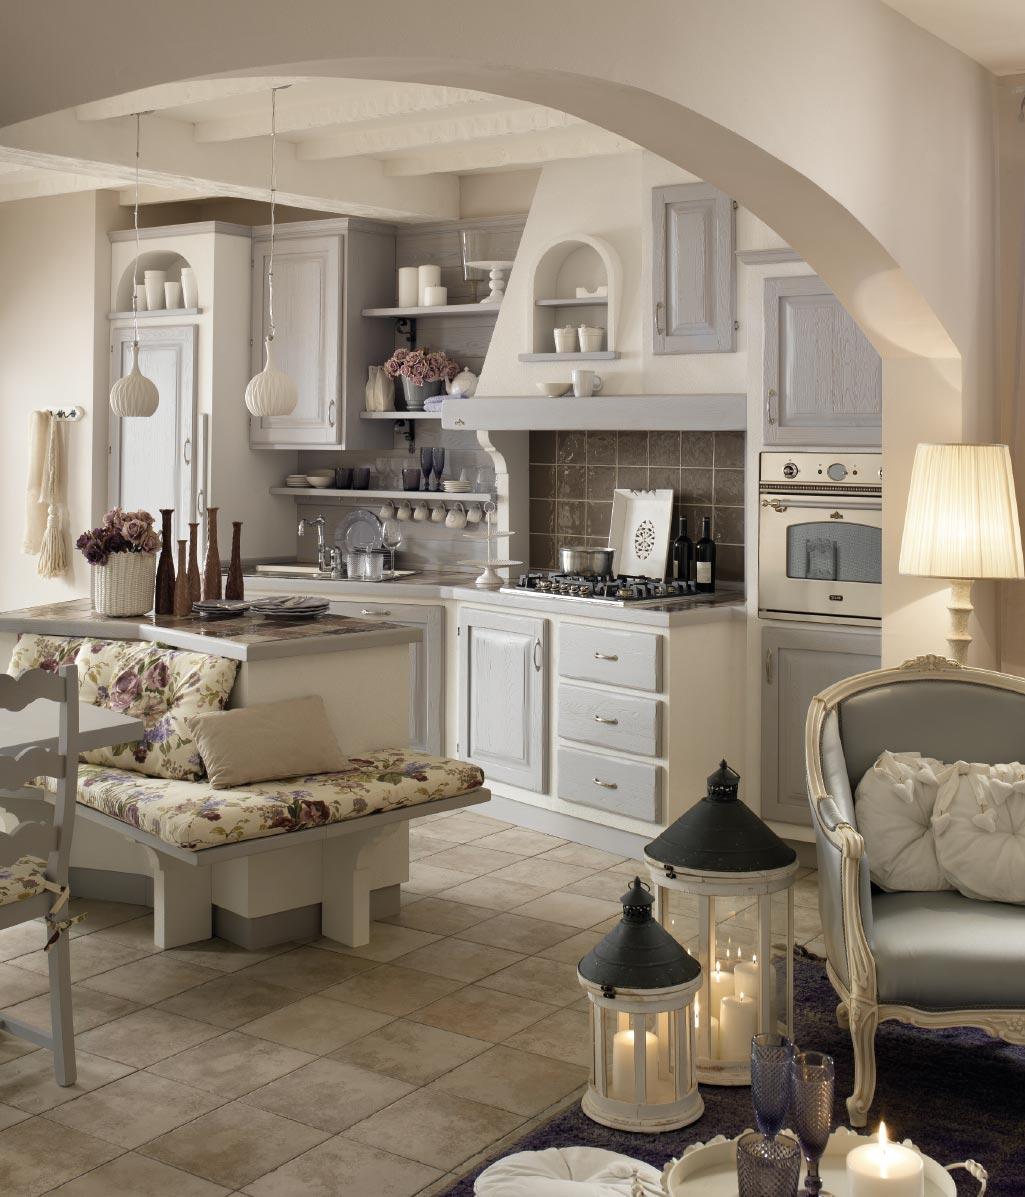 Cucine shabby chic accessori e mobili con foto per scoprire questo stile designandmore - Foto cucine country ...